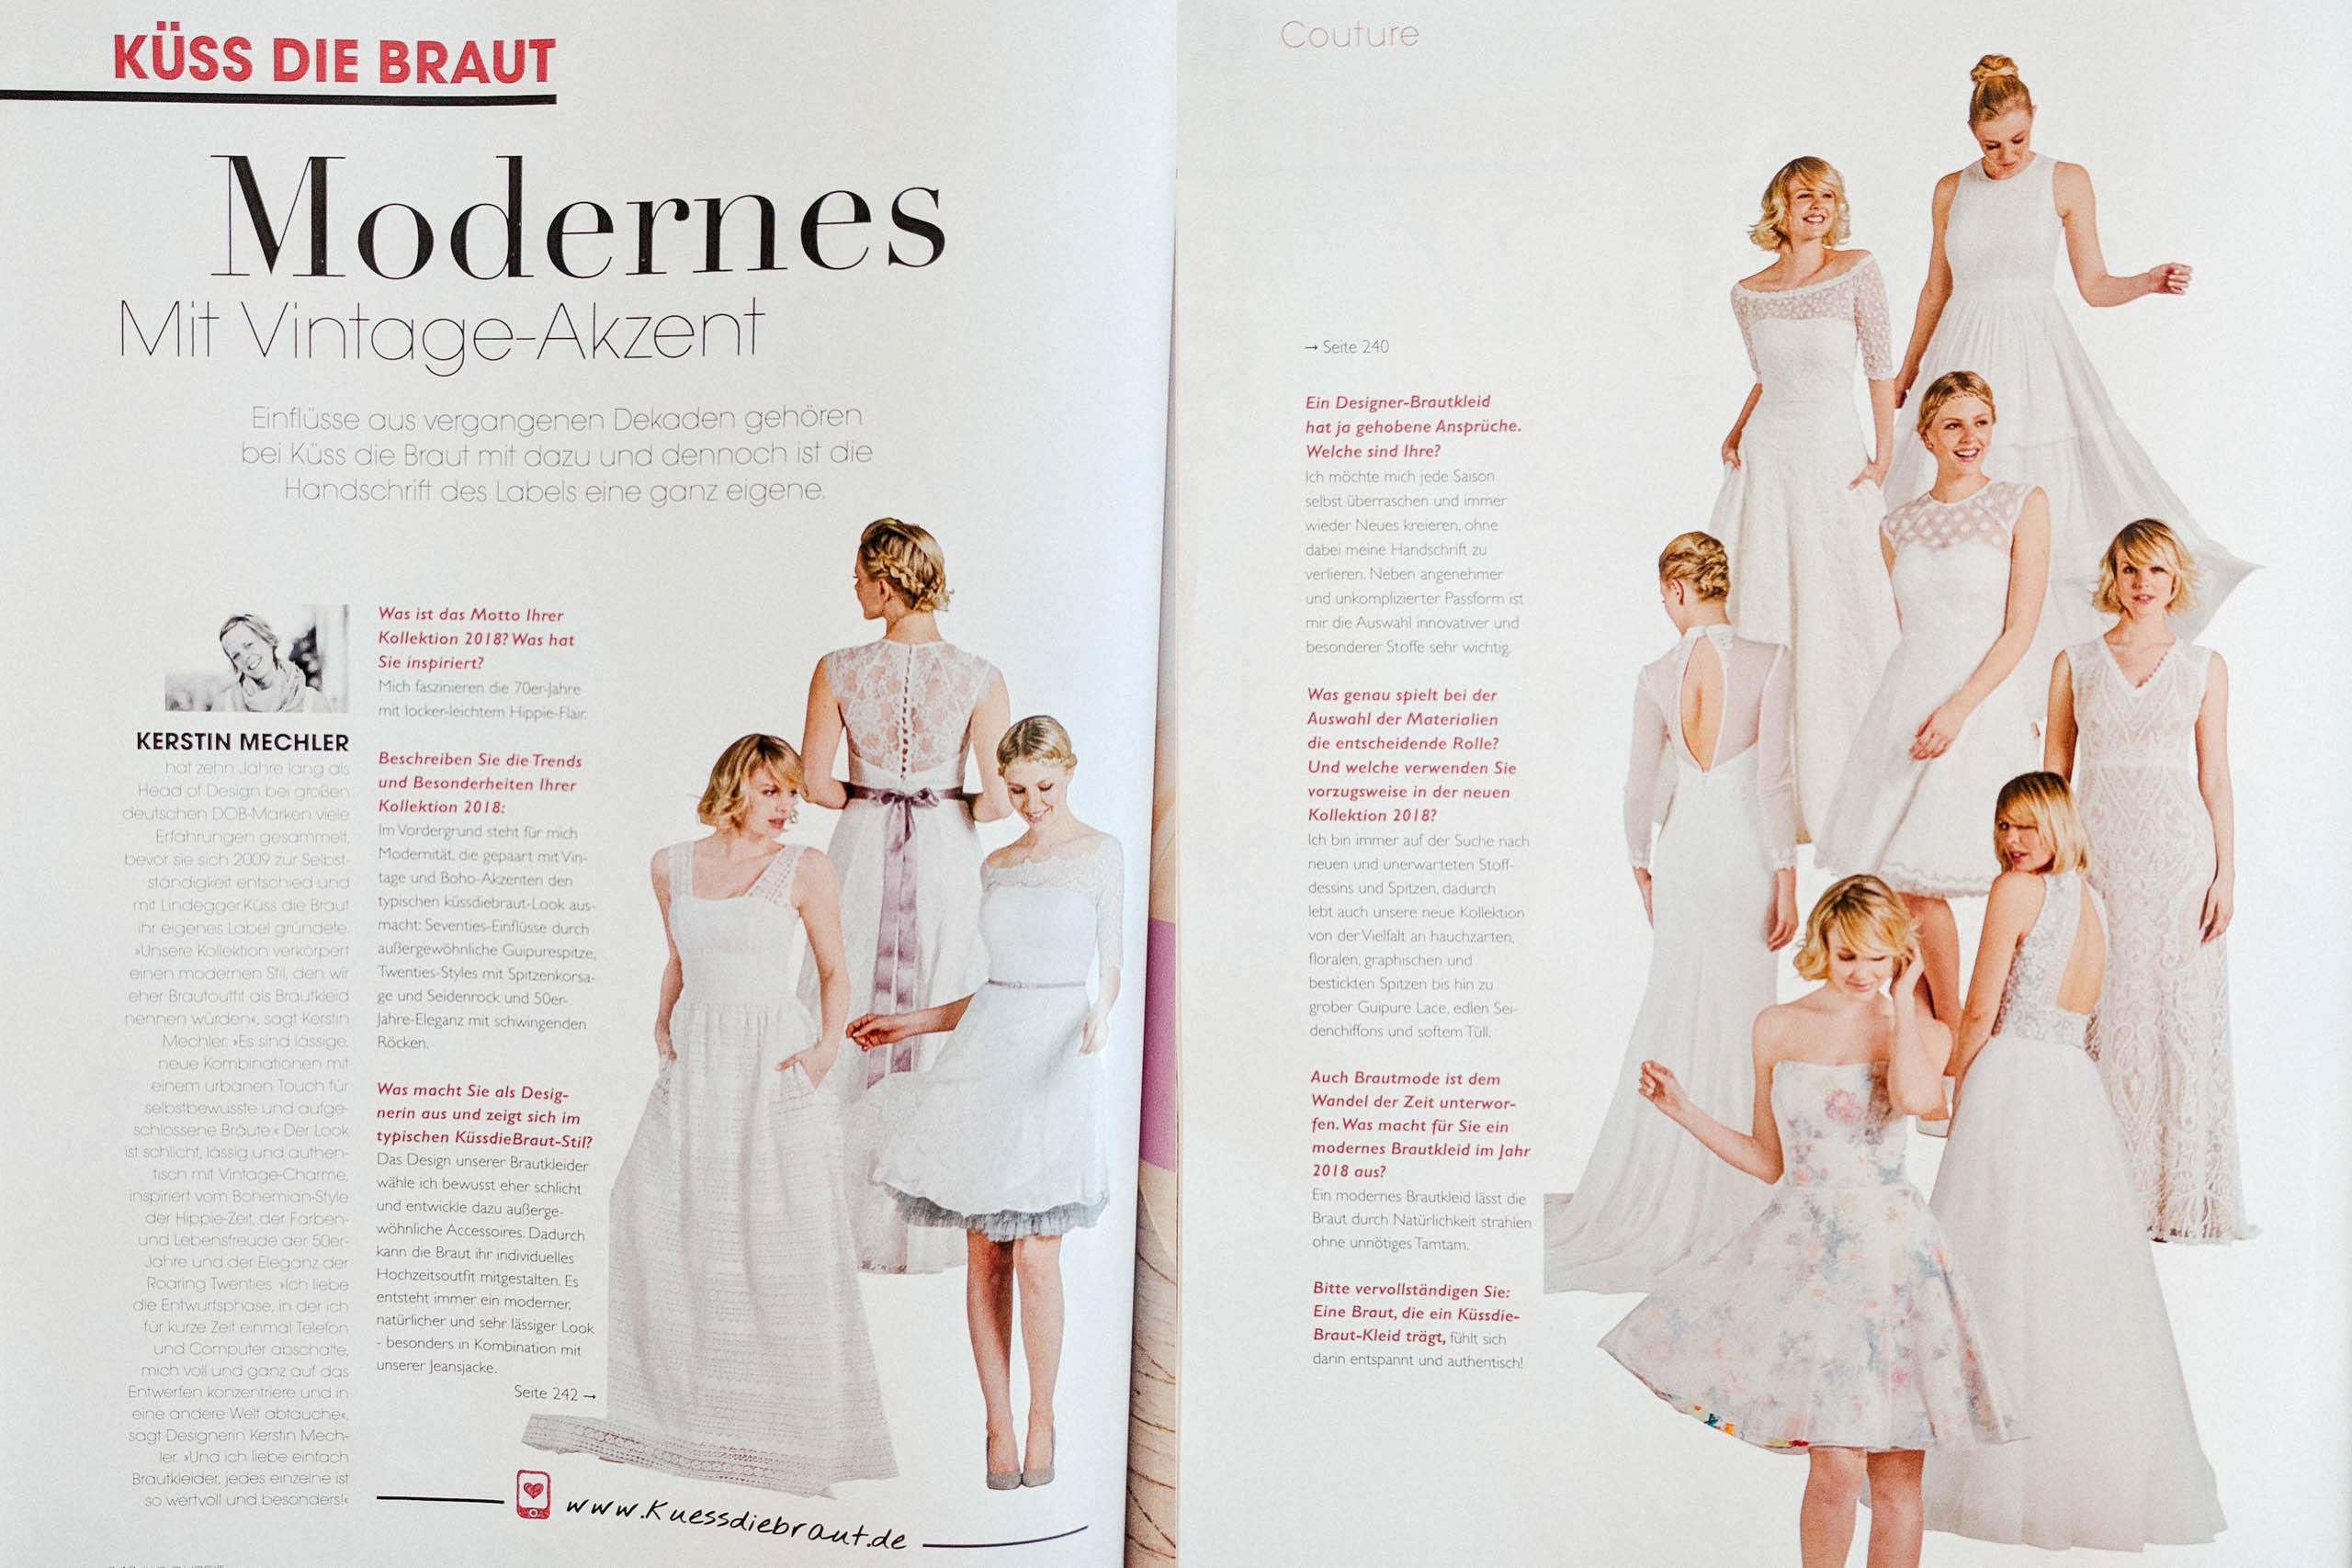 Modernens mit Vintage-Akzent – küssdiebraut im Hochzeit Magazin